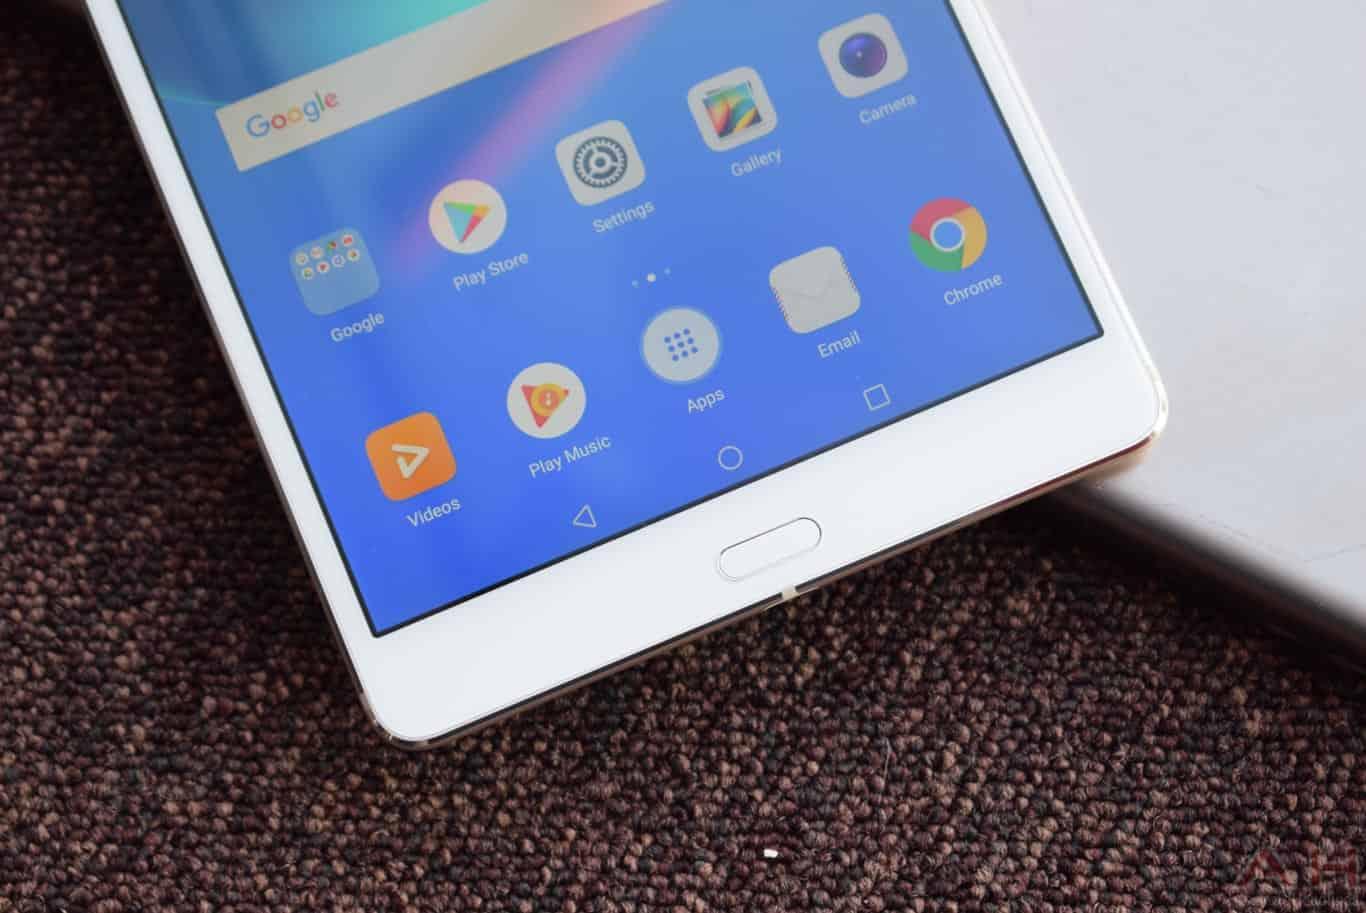 Huawei MediaPad M5 8.4 inch MWC 18 AM AH 4